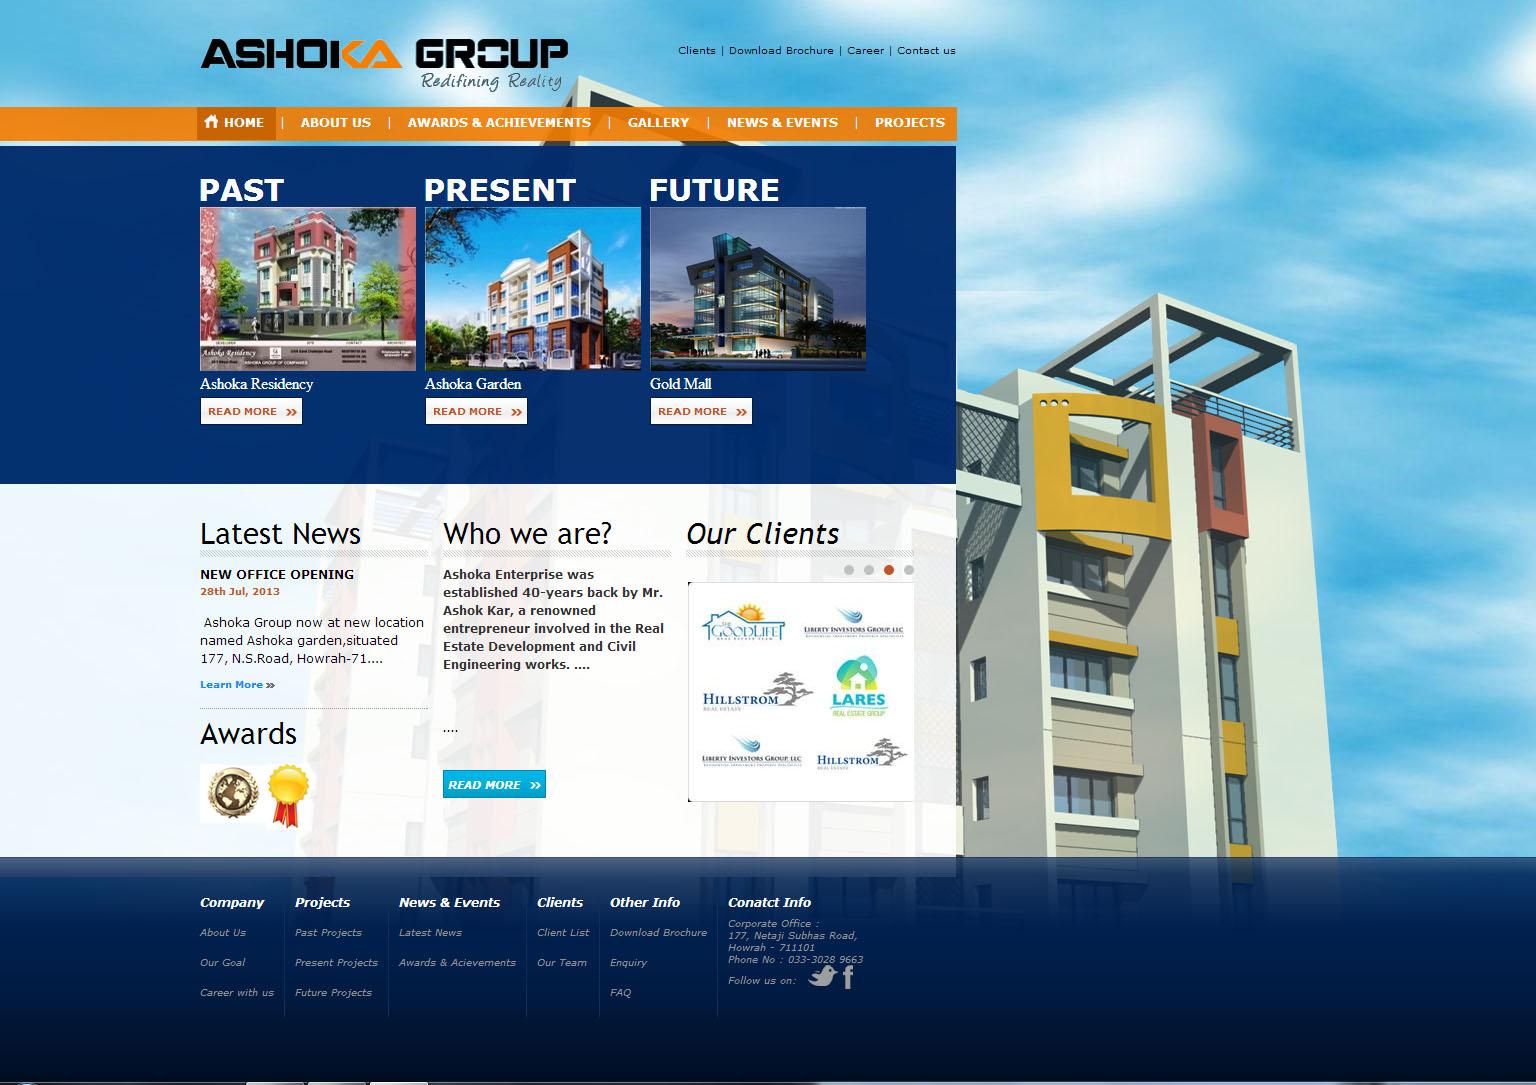 ashoka_group copy